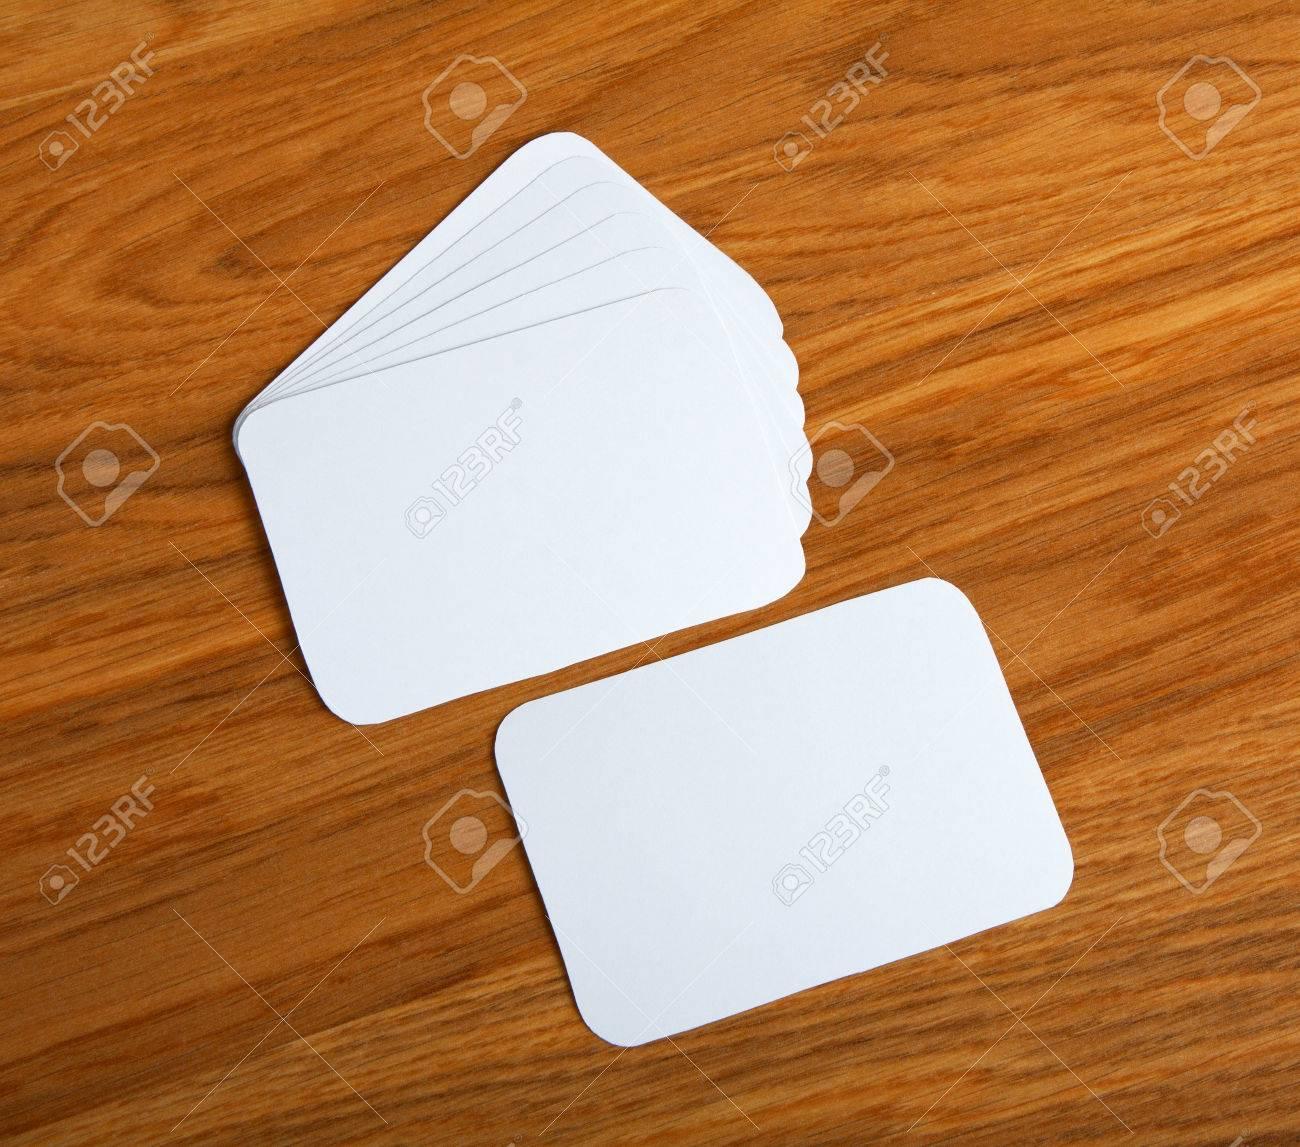 Identity design corporate templates company style blank business identity design corporate templates company style blank business cards with rounded corners on colourmoves